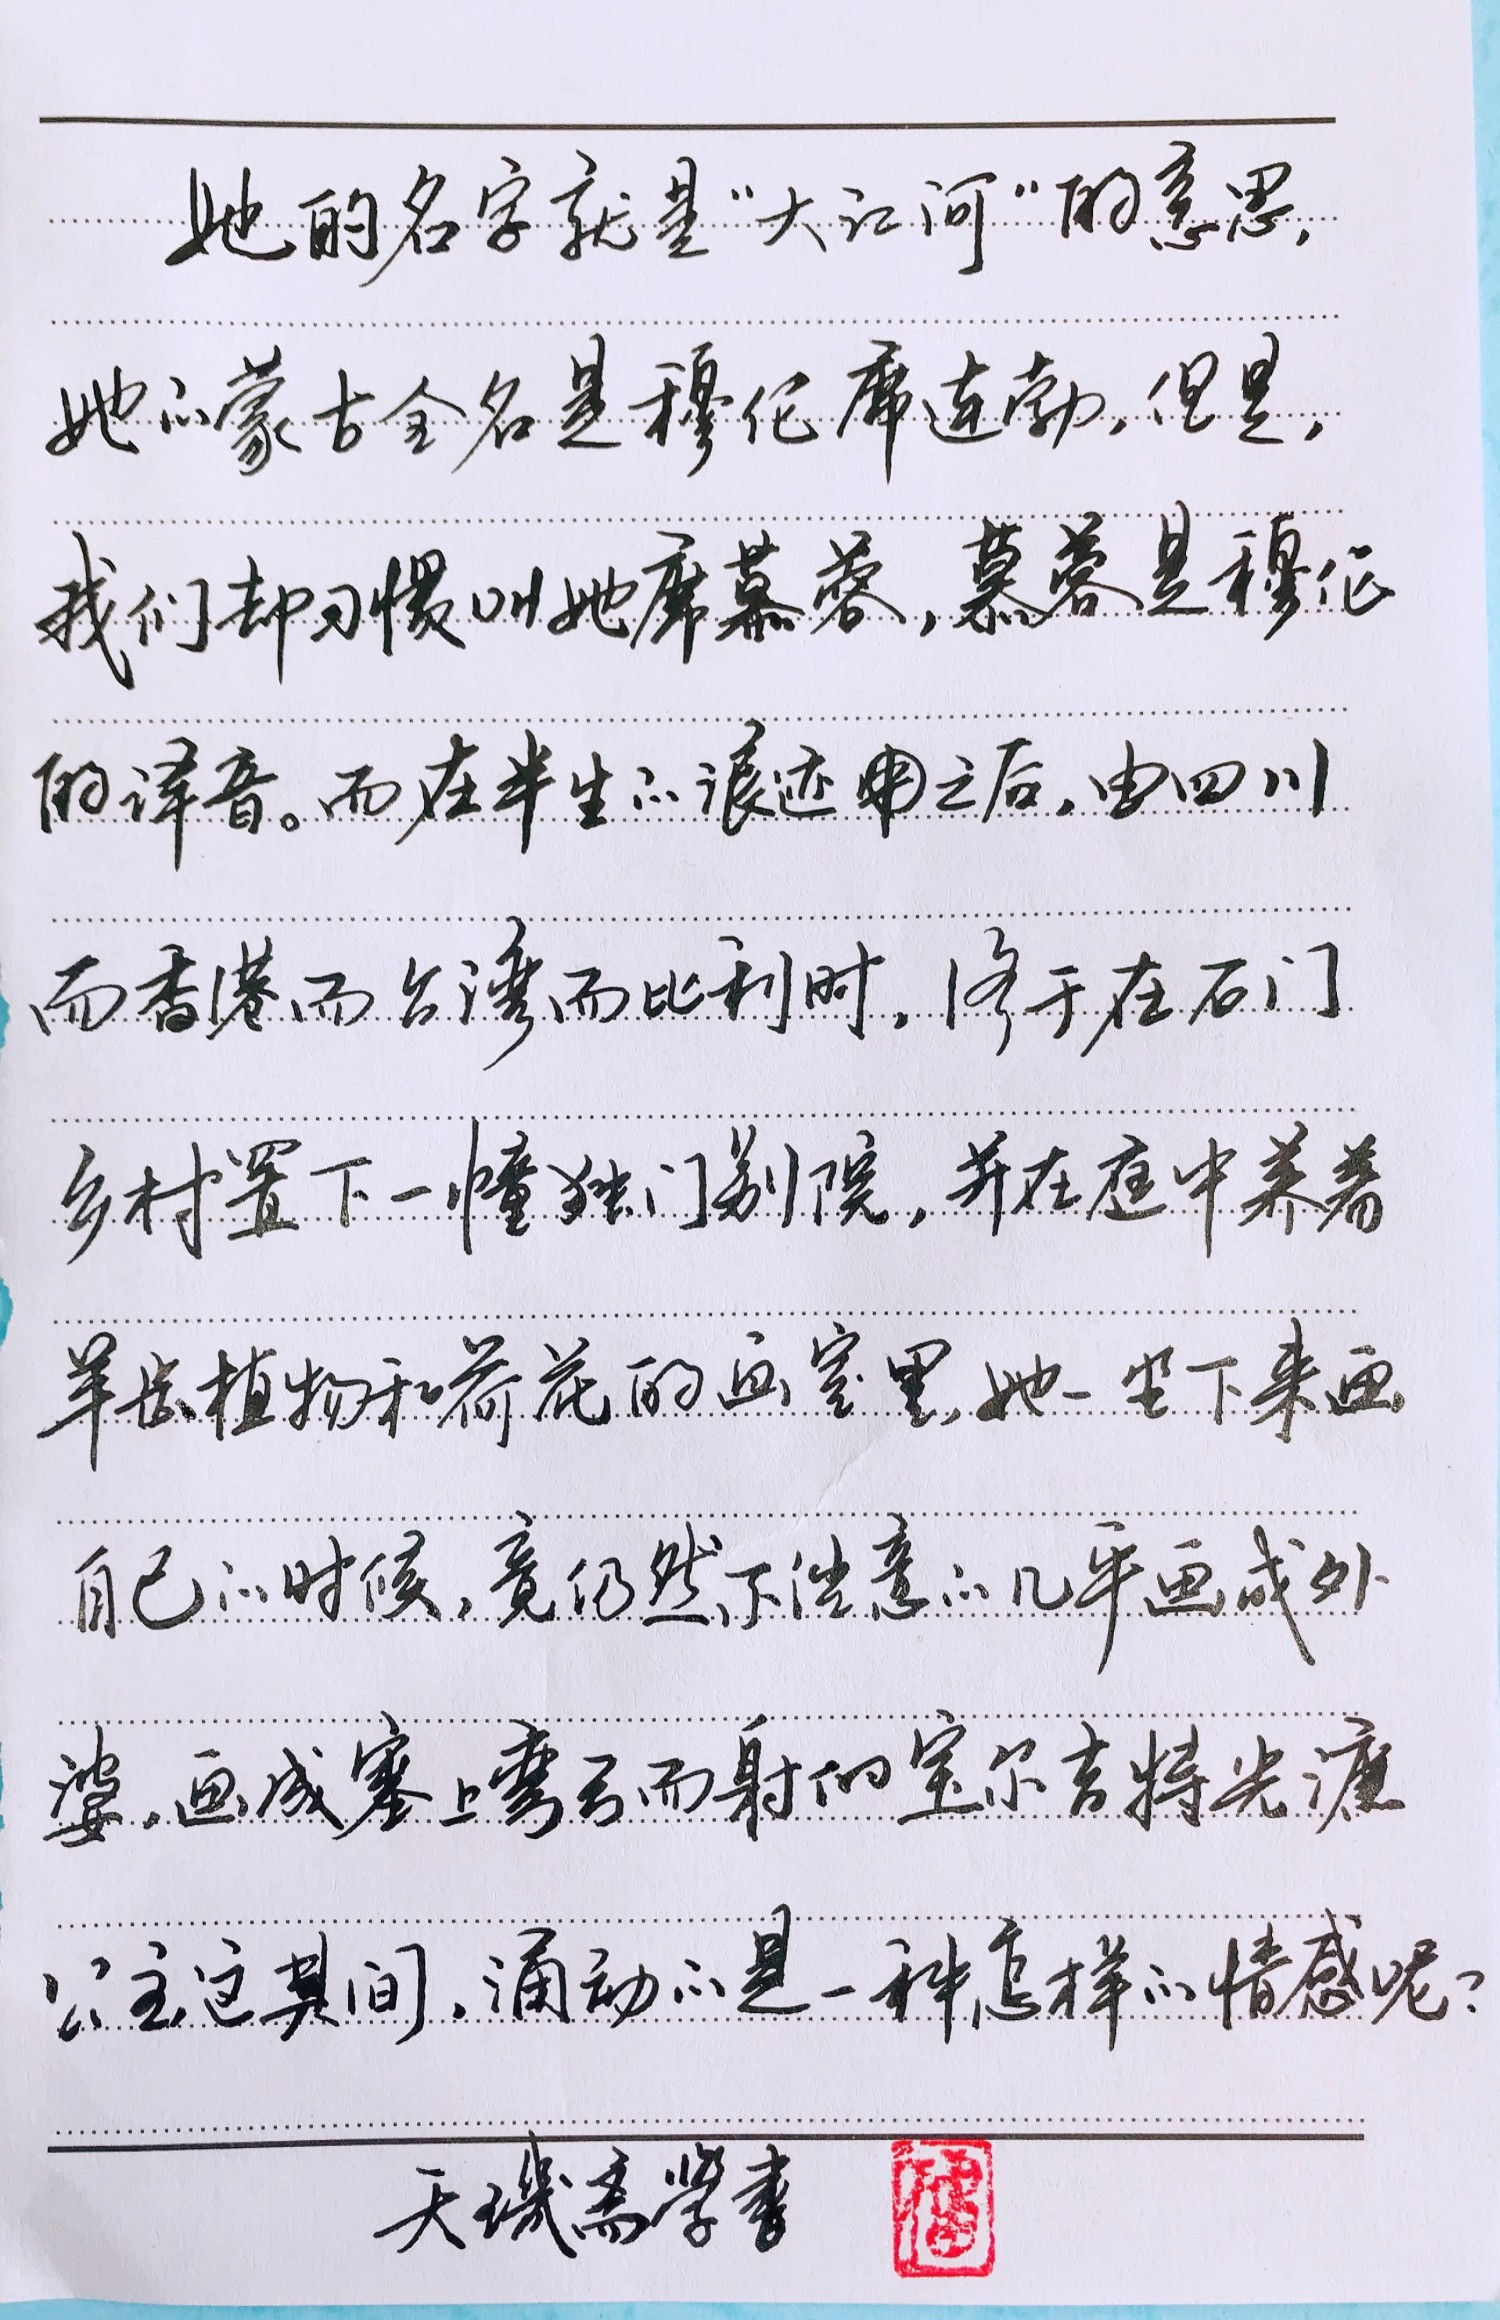 钢笔爱好者练字打卡20210420-21